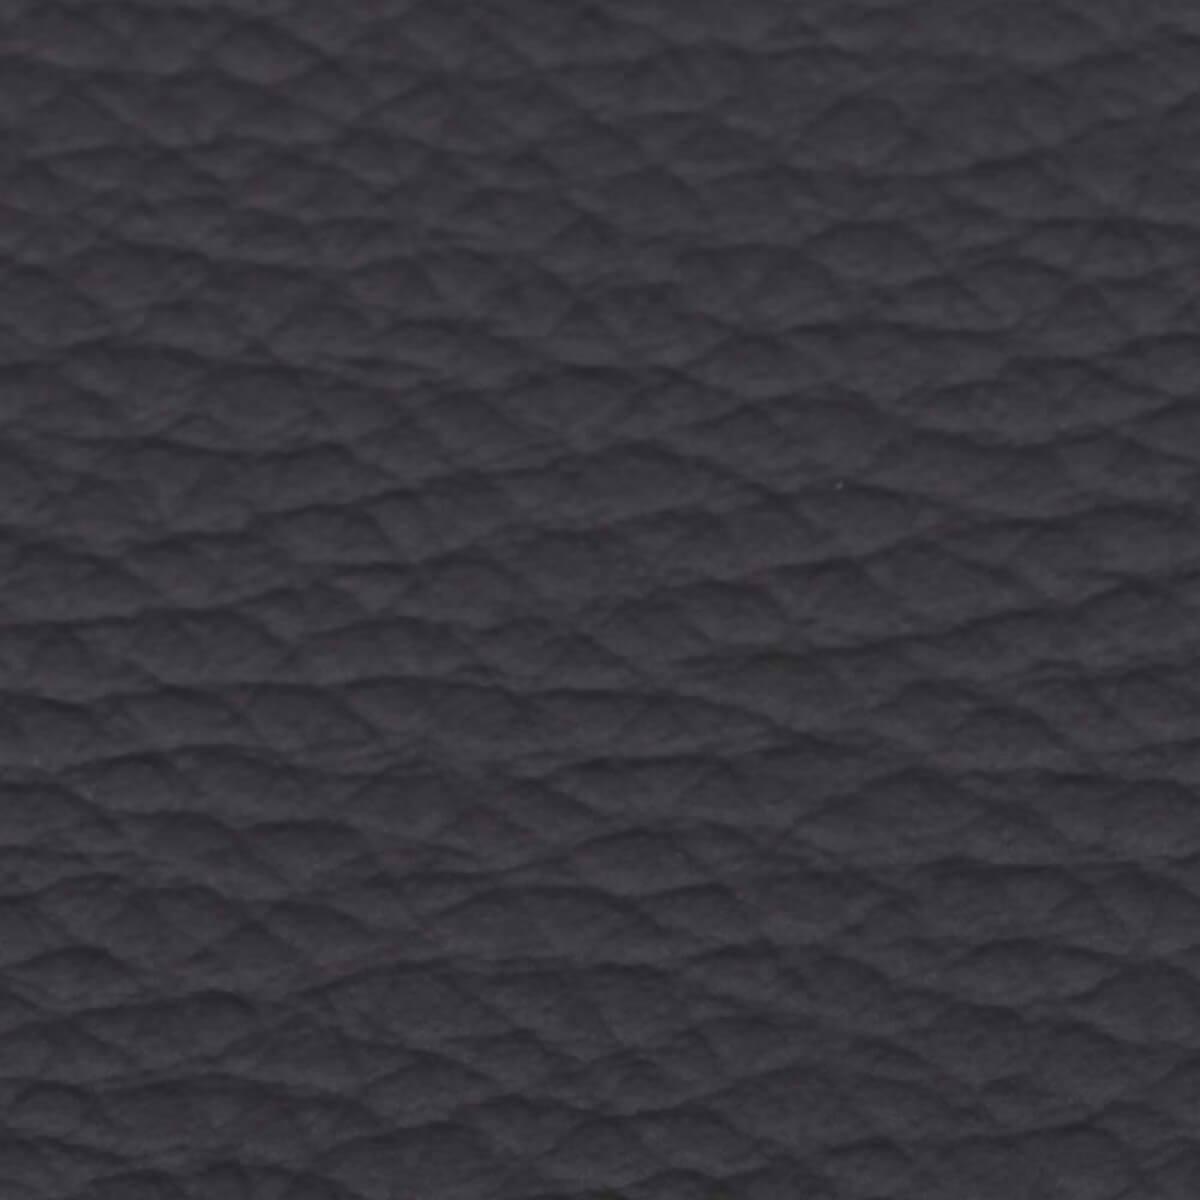 coupon simili cuir uni 50 x 140 cm noir